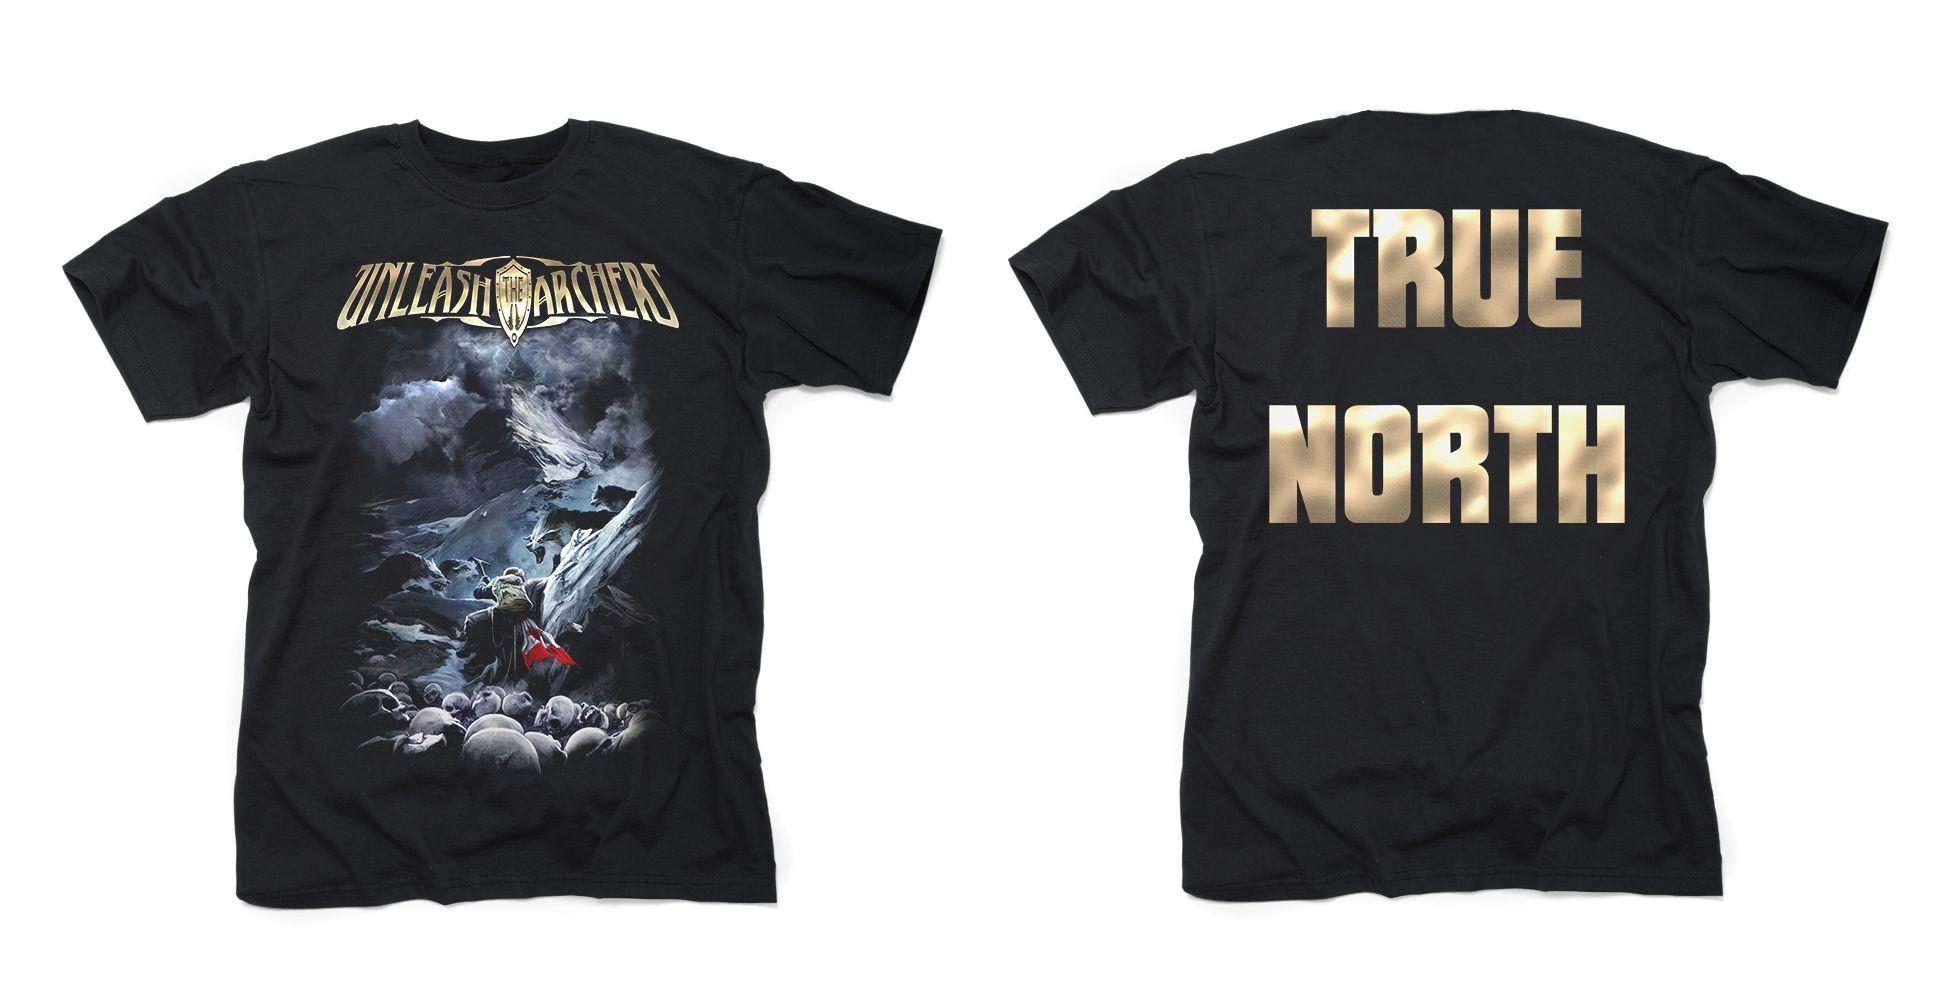 Unleash The Archers - True North